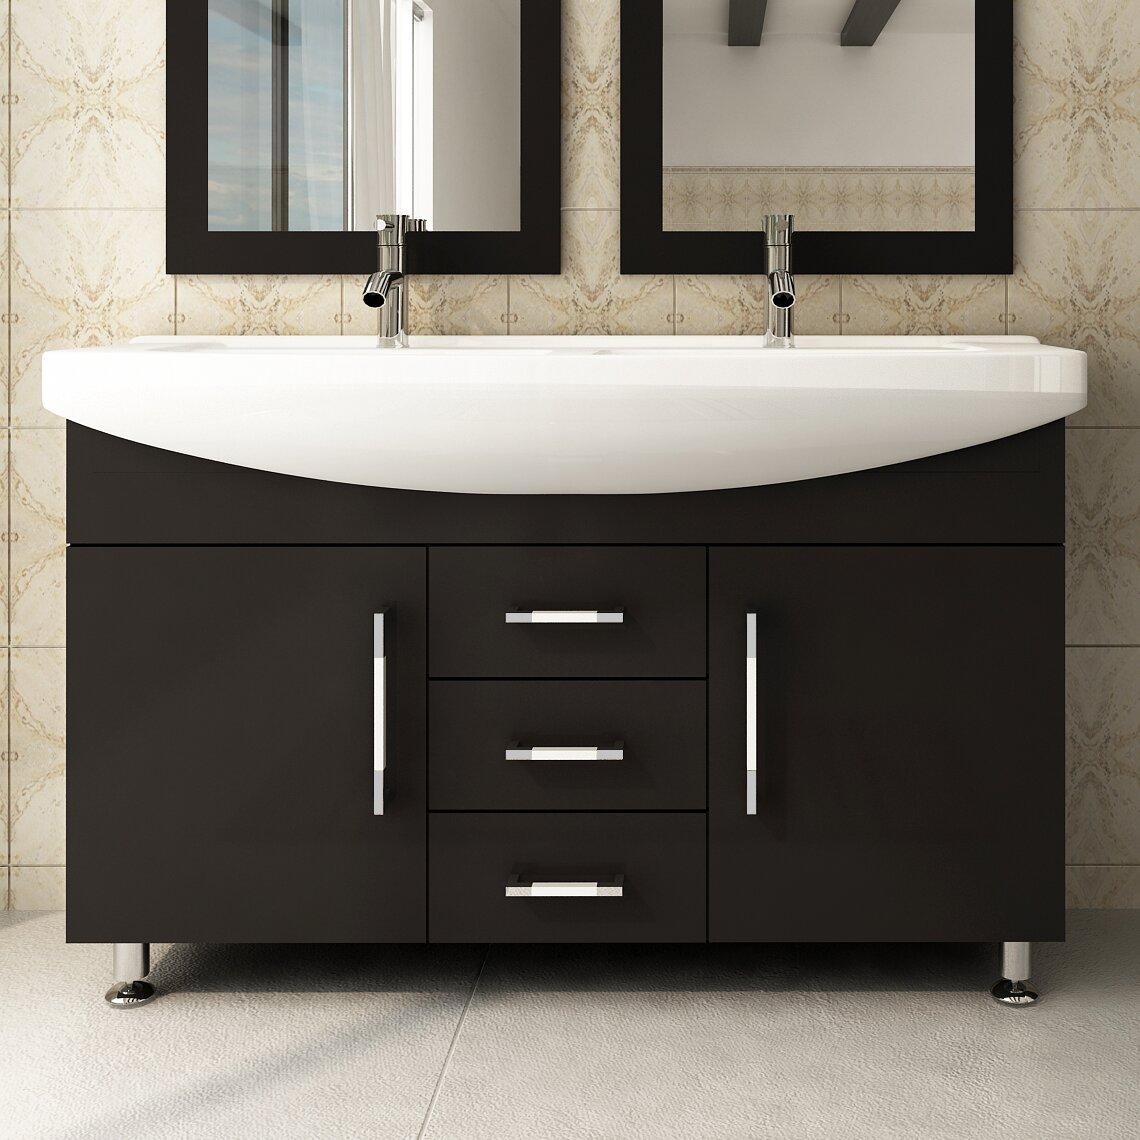 jwh living celine 48 double bathroom vanity set reviews wayfair